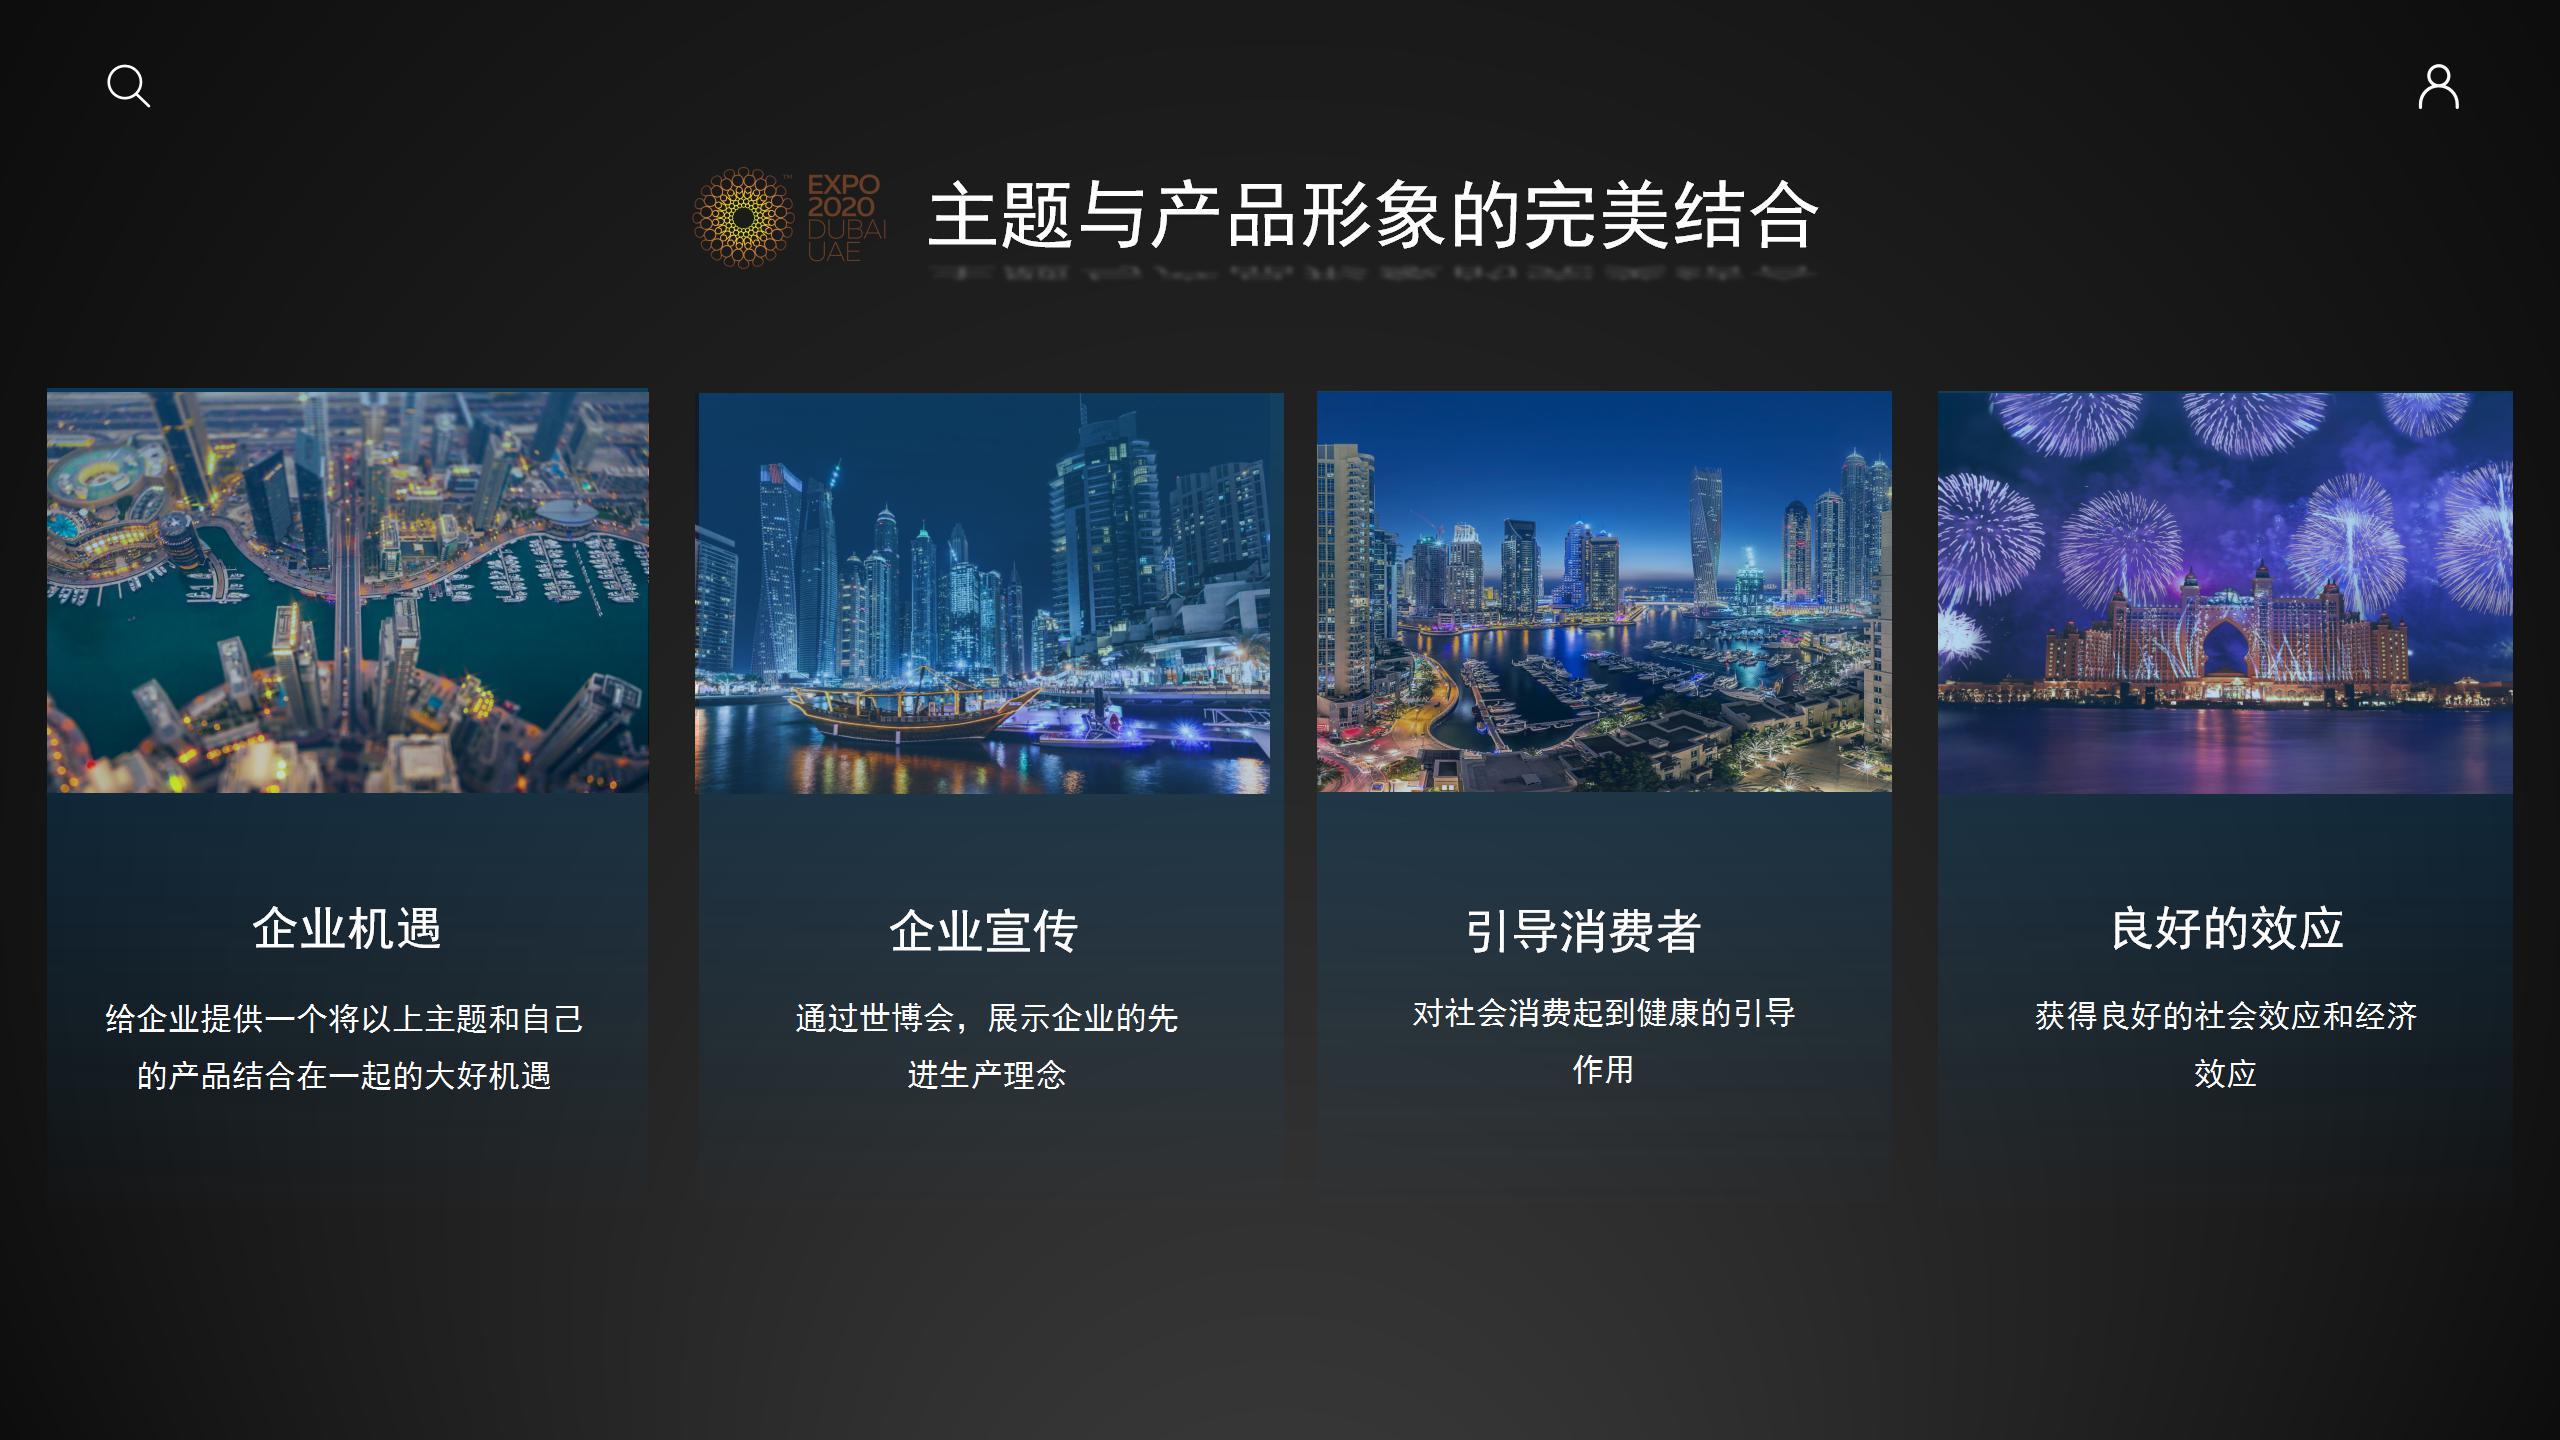 策划方案产品路演幻灯片企业活动介绍